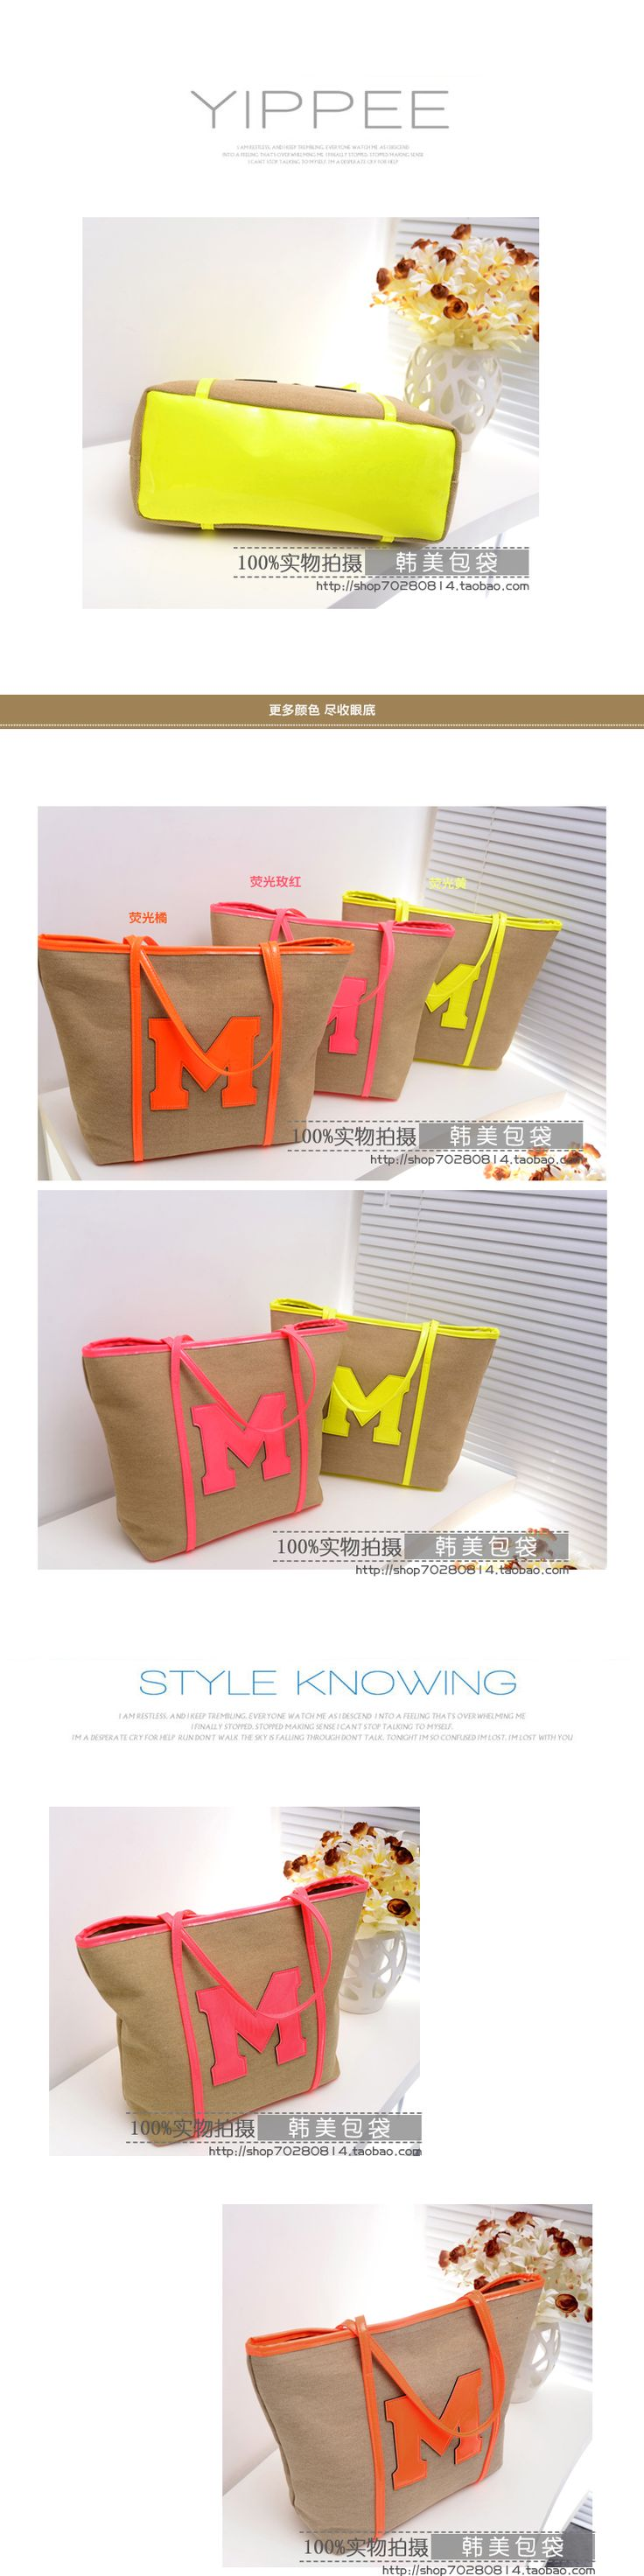 2013 конопли хлопчатобумажной ткани женская сумка большая м неоновые цвета сумка на плечо большой холщовый мешок женская сумка, принадлежащий категории Сумки на плечо и относящийся к Чемоданы и сумки на сайте AliExpress.com | Alibaba Group